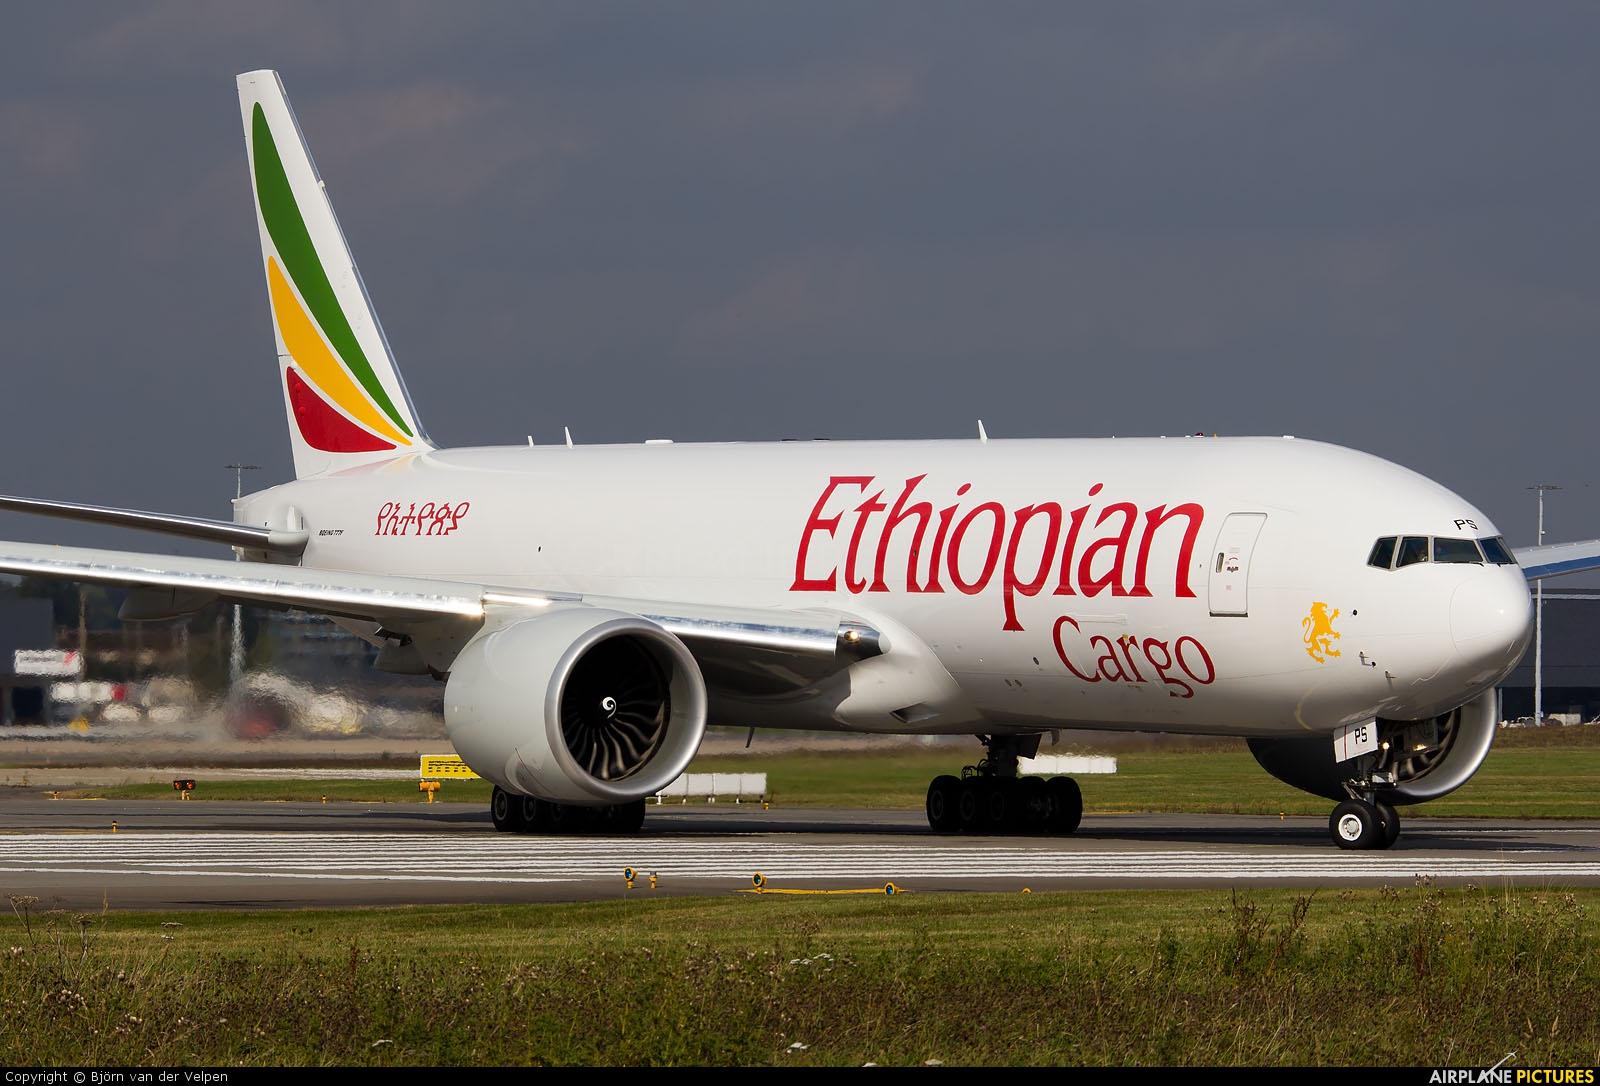 ethiopian-cargo